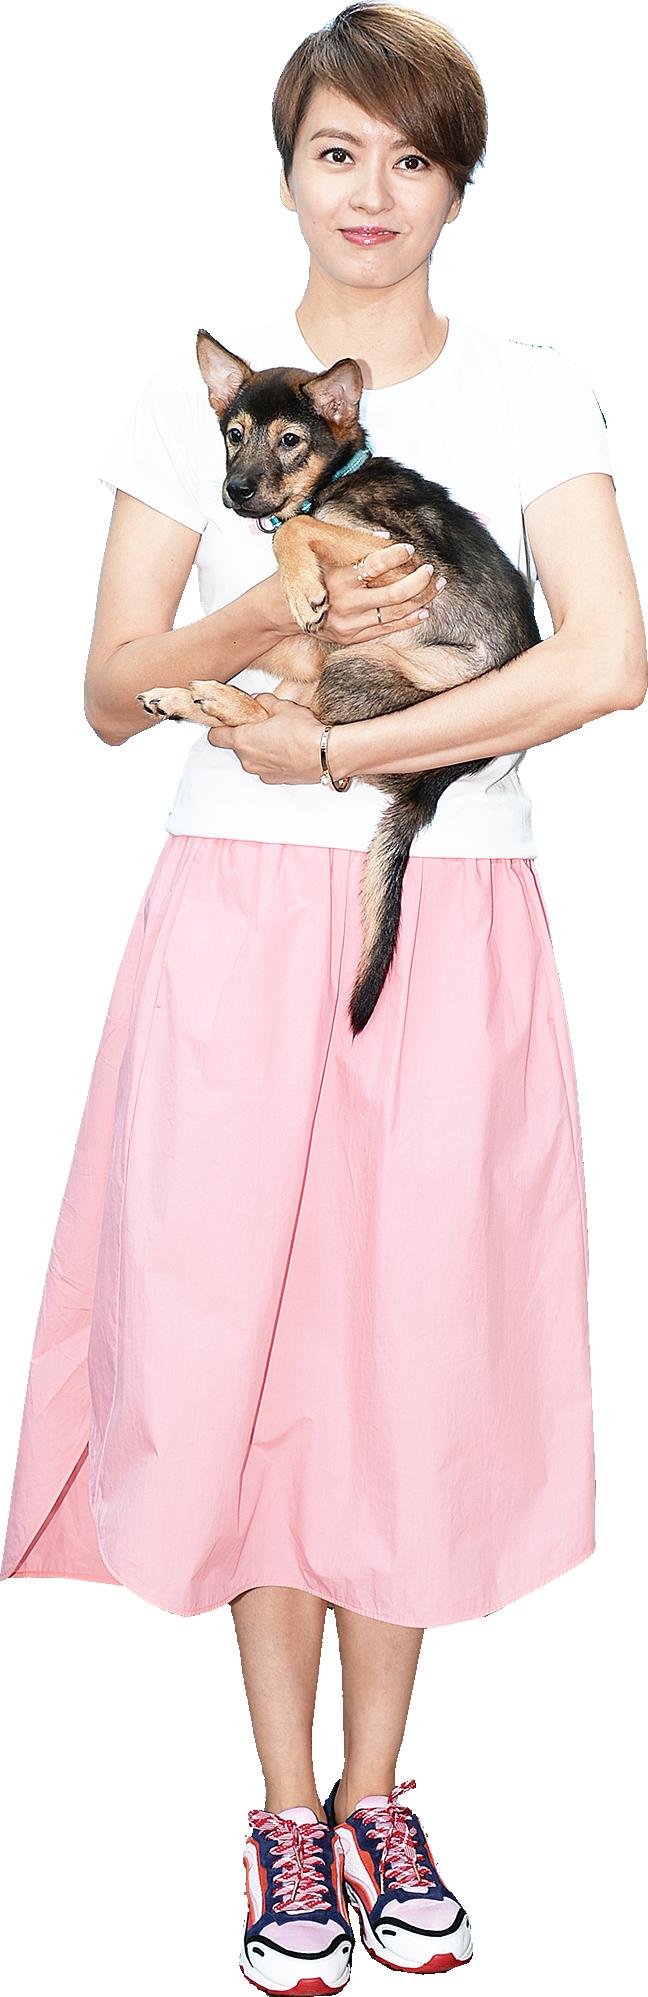 梁詠琪2日出席愛護動物協會的宣傳活動,抱起一隻等待領養的狗仔,呼籲大家以領養代替購買。(宋碧龍/大紀元)